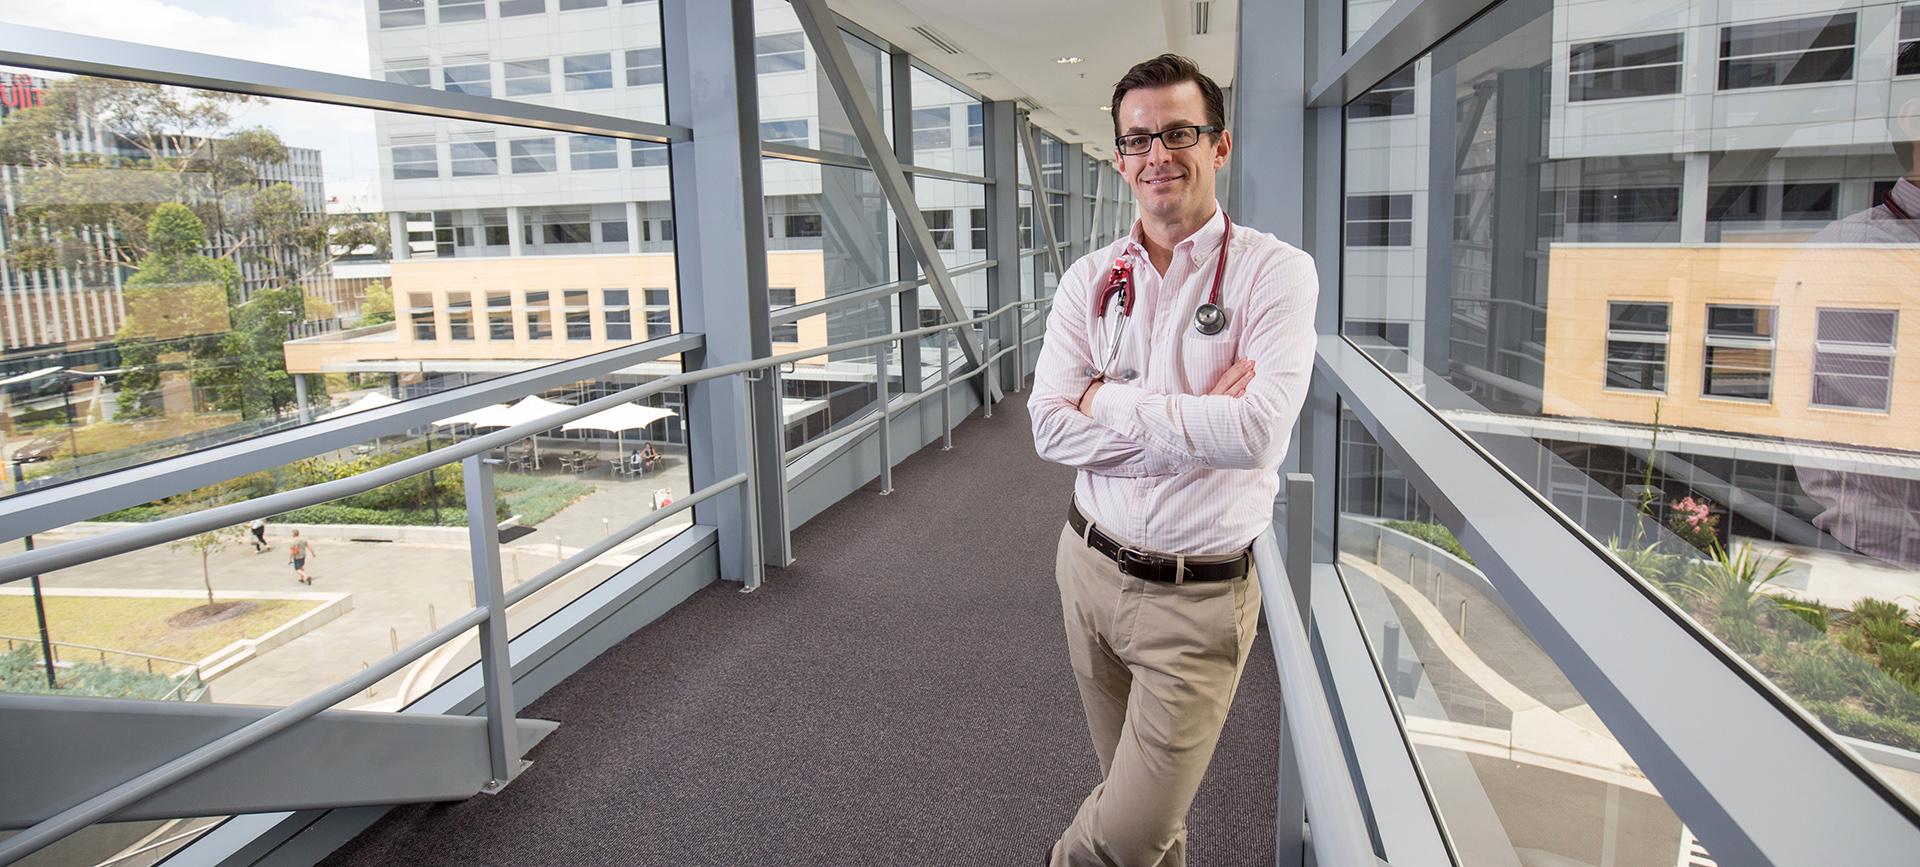 Dr Luke Morphett at Macquarie University Hospital